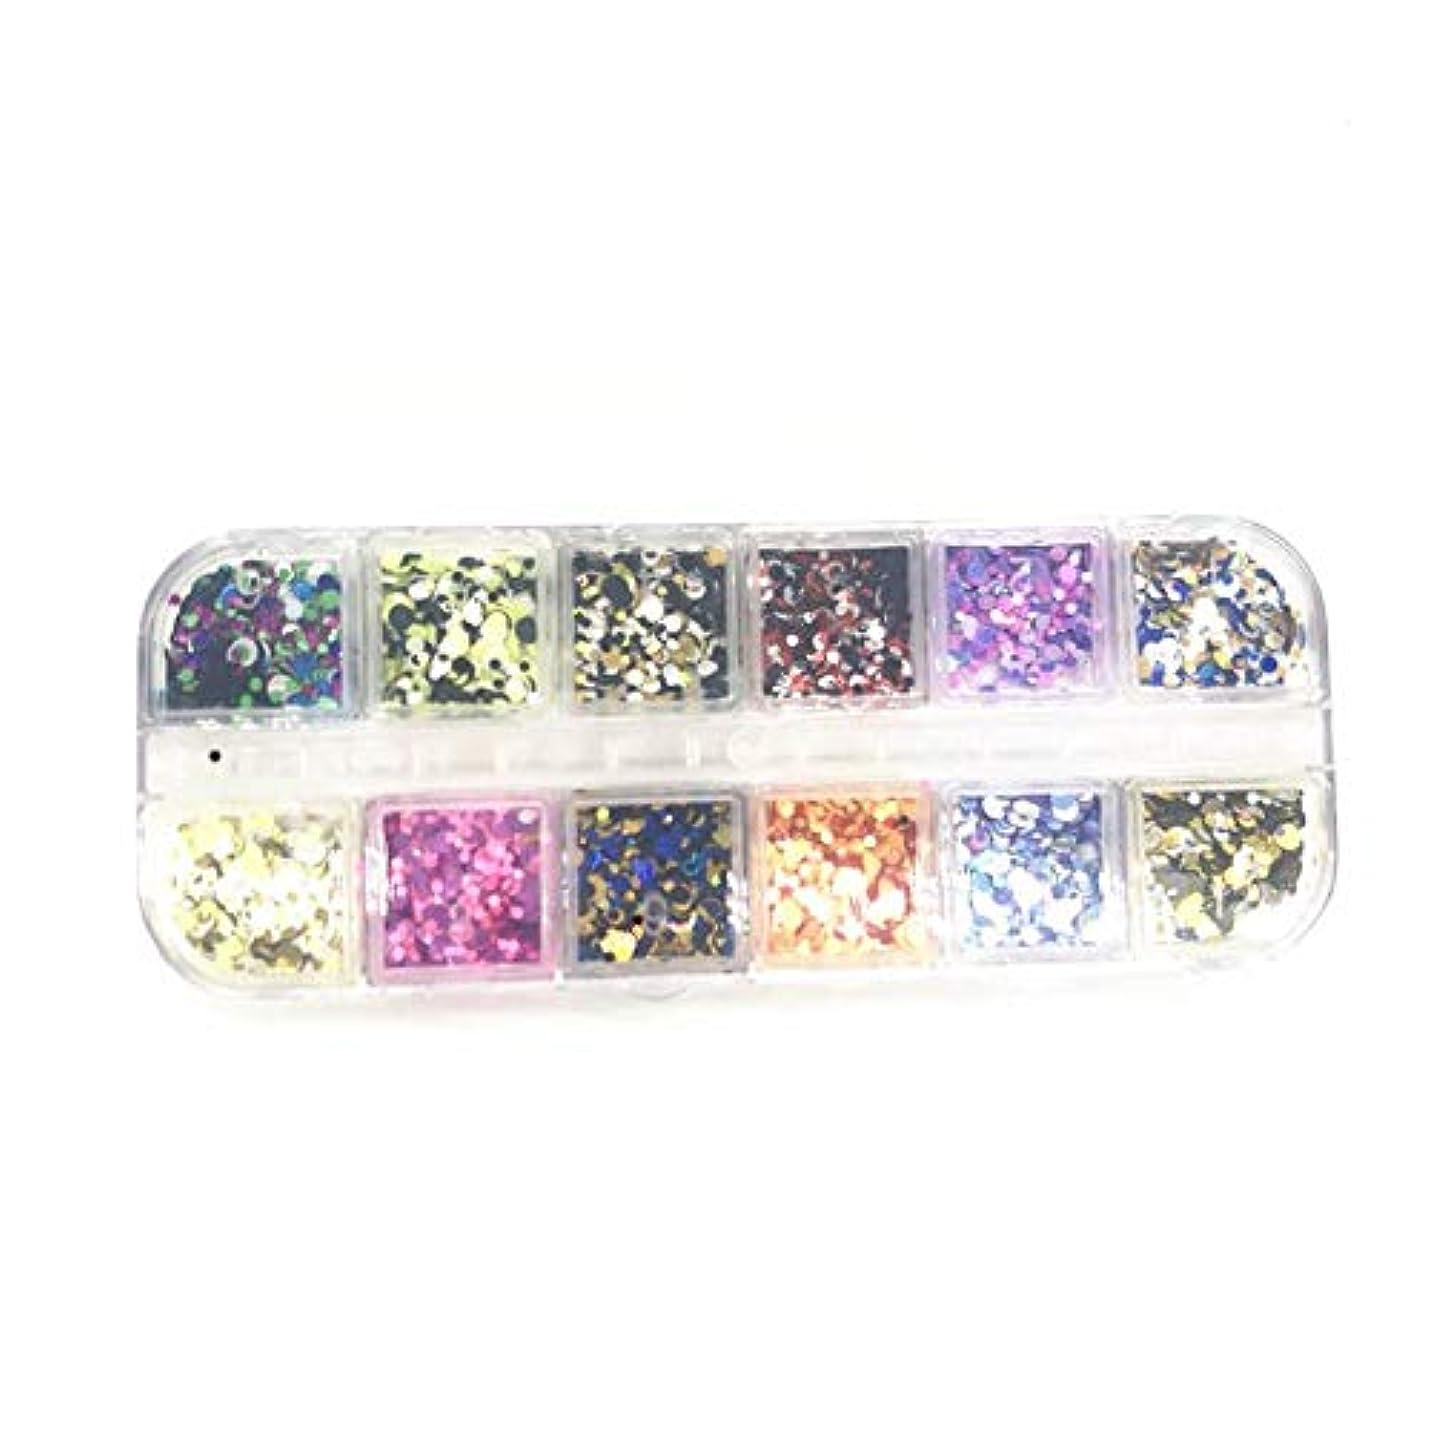 悪質な以内に祭りYunskynomiseネイルクリスタルグリッターラインストーンミックスダイヤモンド形状の3DネイルデコレーションアクリルUVジェルネイルアートの装飾ユニークさん